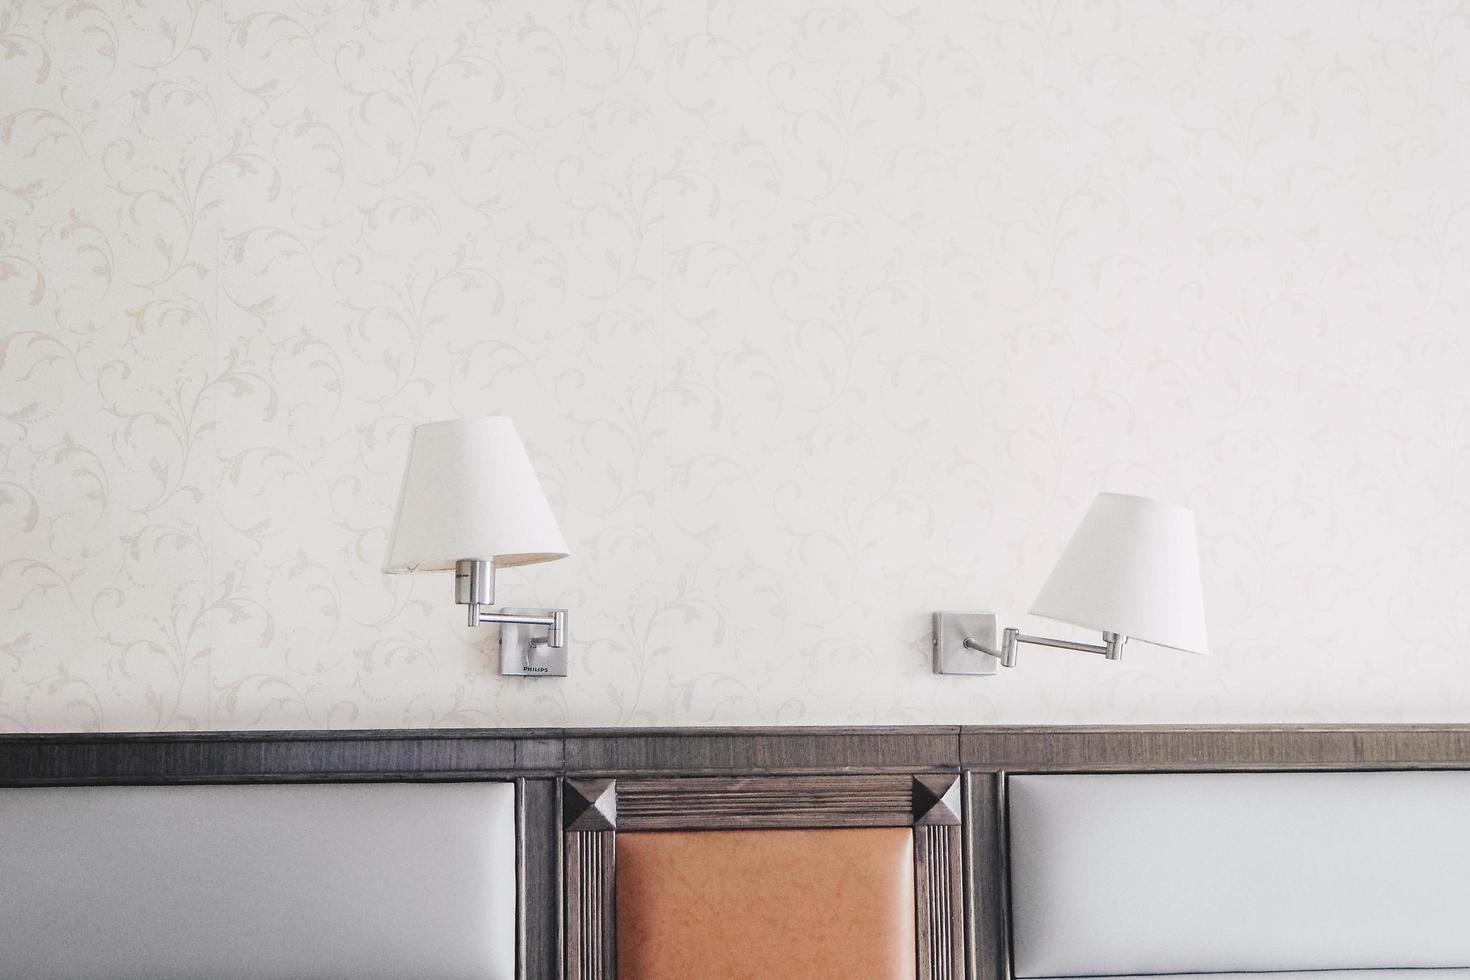 Lámpara de pared doble clásica antigua. Lámpara de pared doble personalidad lámpara de pared decorativa retráctil cabecera de dormitorio retro. estilo de decoración retro vintage. foto